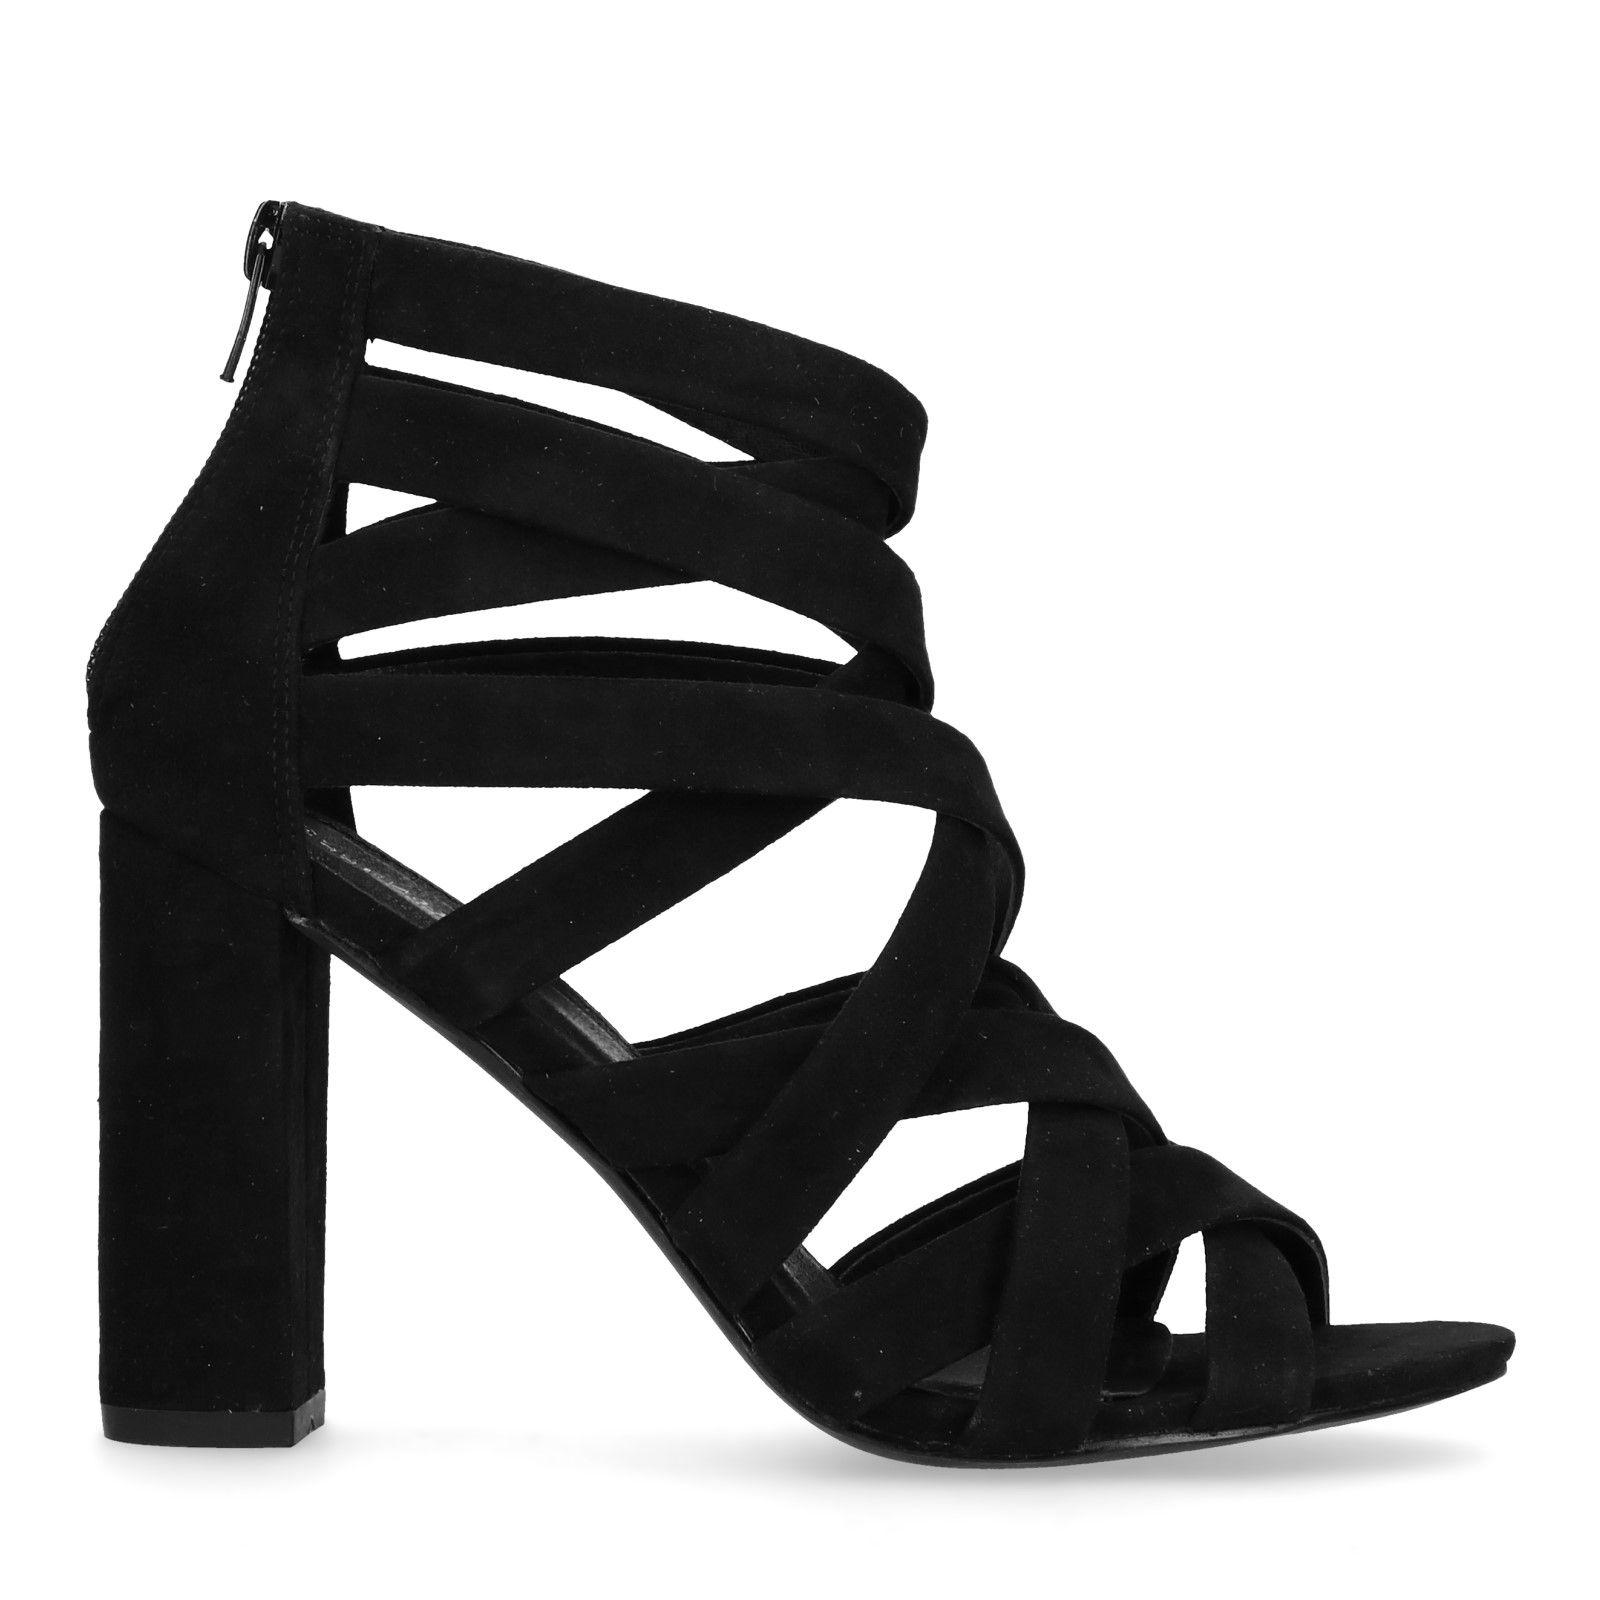 Sacha Zwarte opengewerkte sandalen met hak